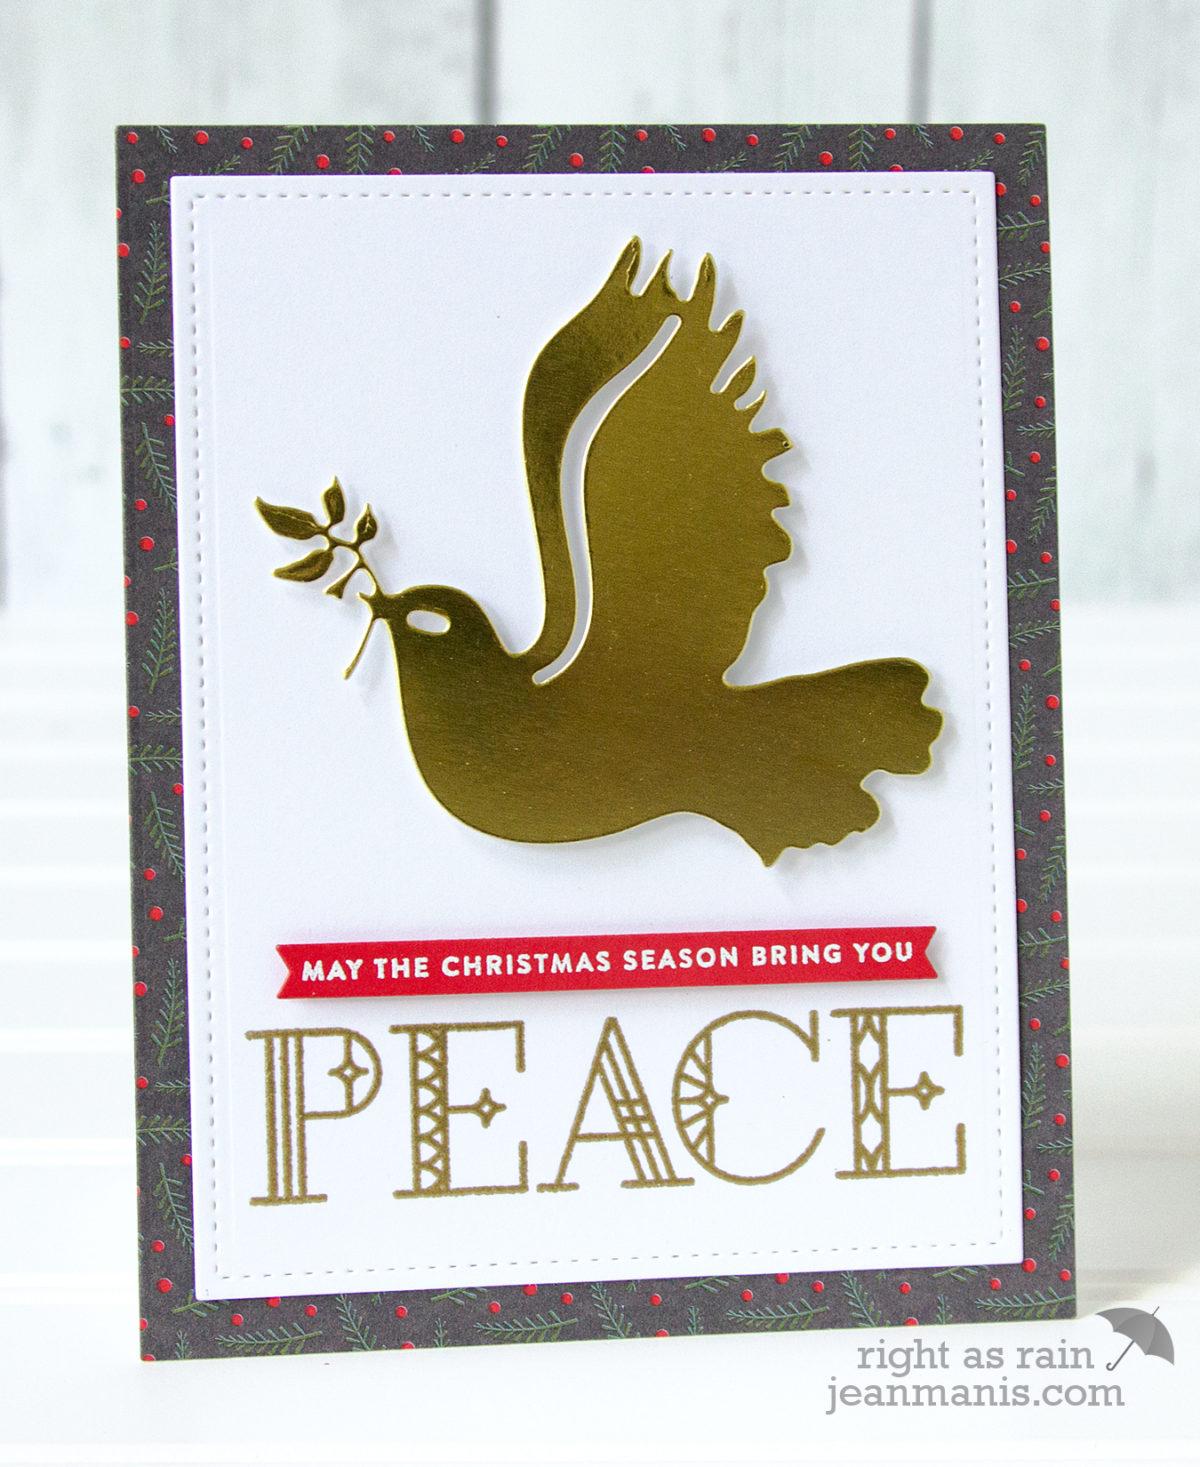 May the Christmas Season Bring You Peace